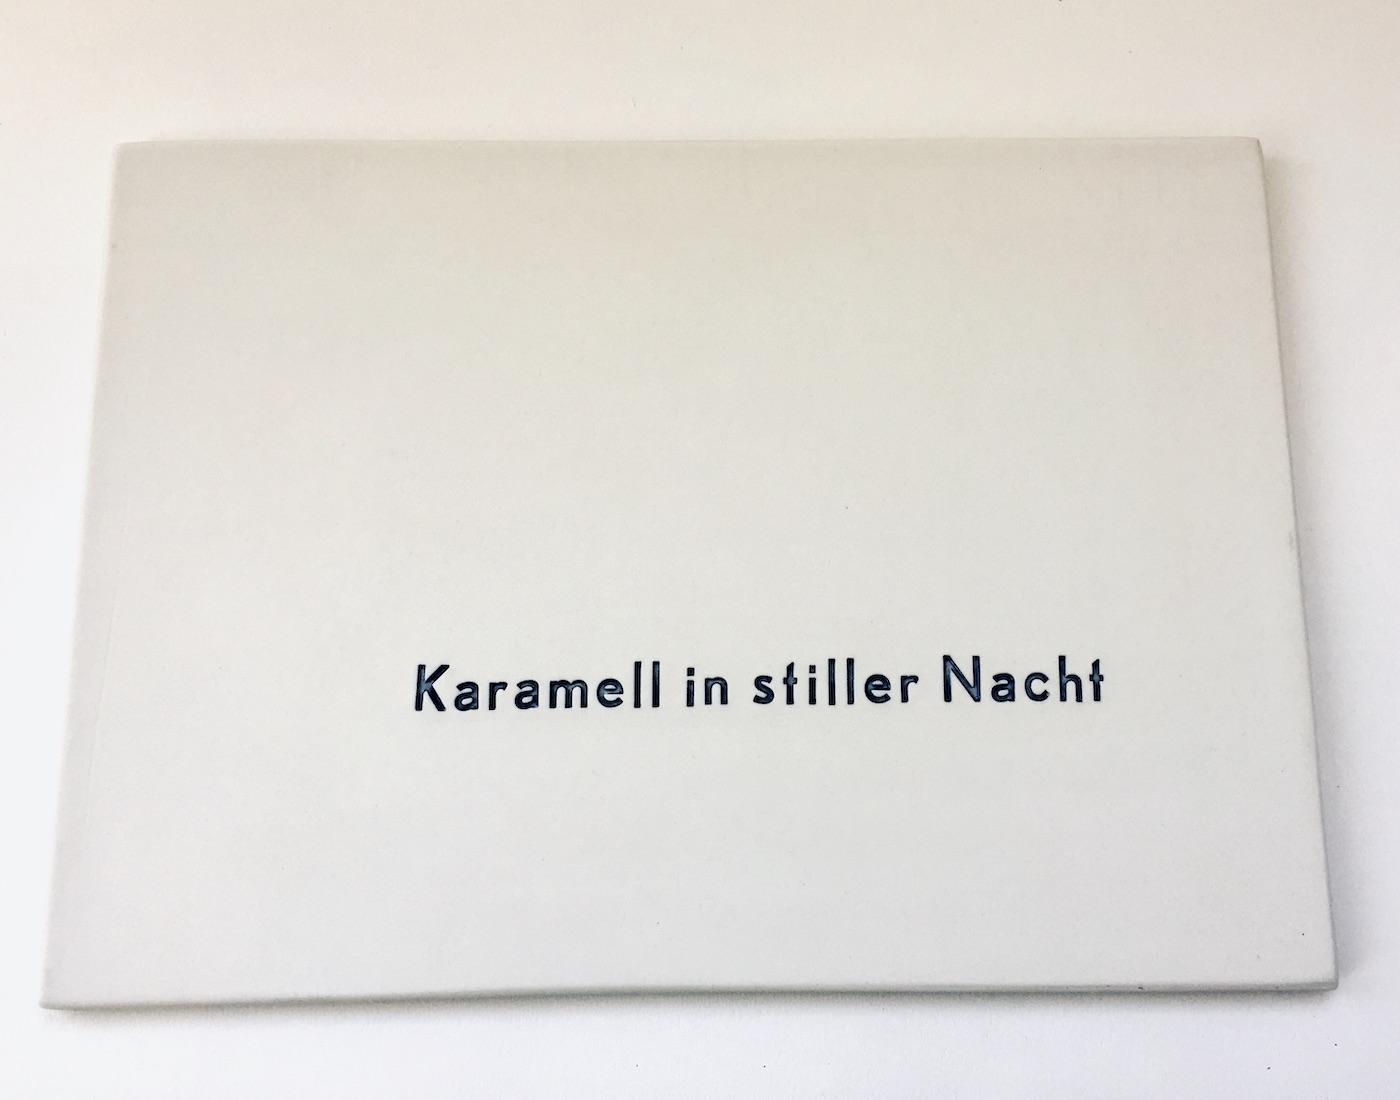 Schriftbrett - Karamell in stiller Nacht